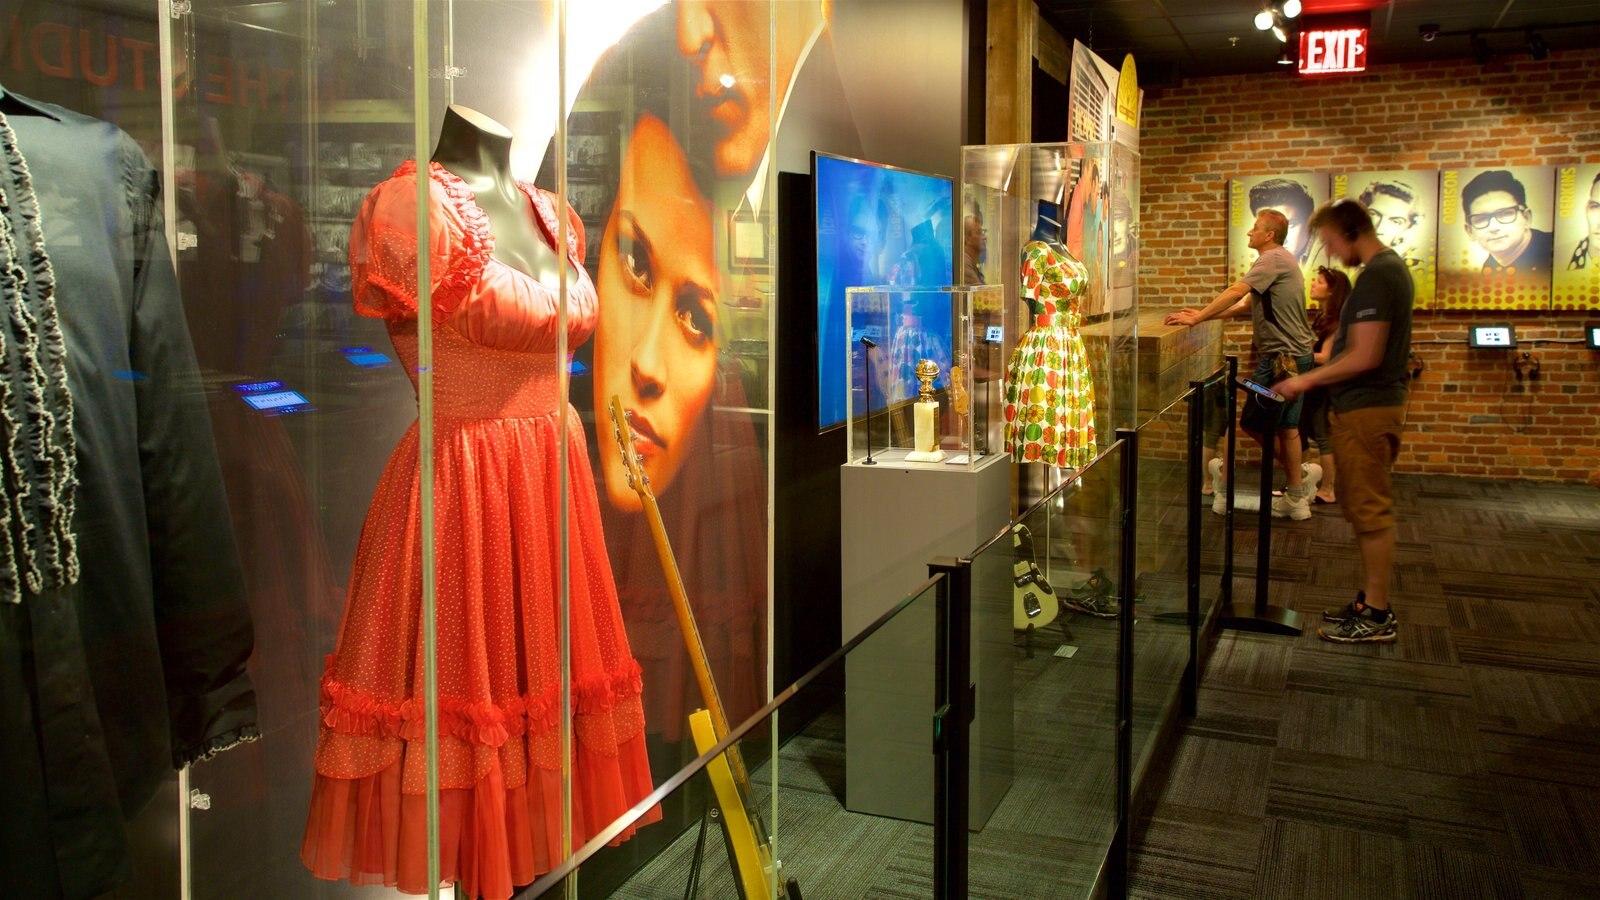 Museo Johnny Cash mostrando vistas interiores